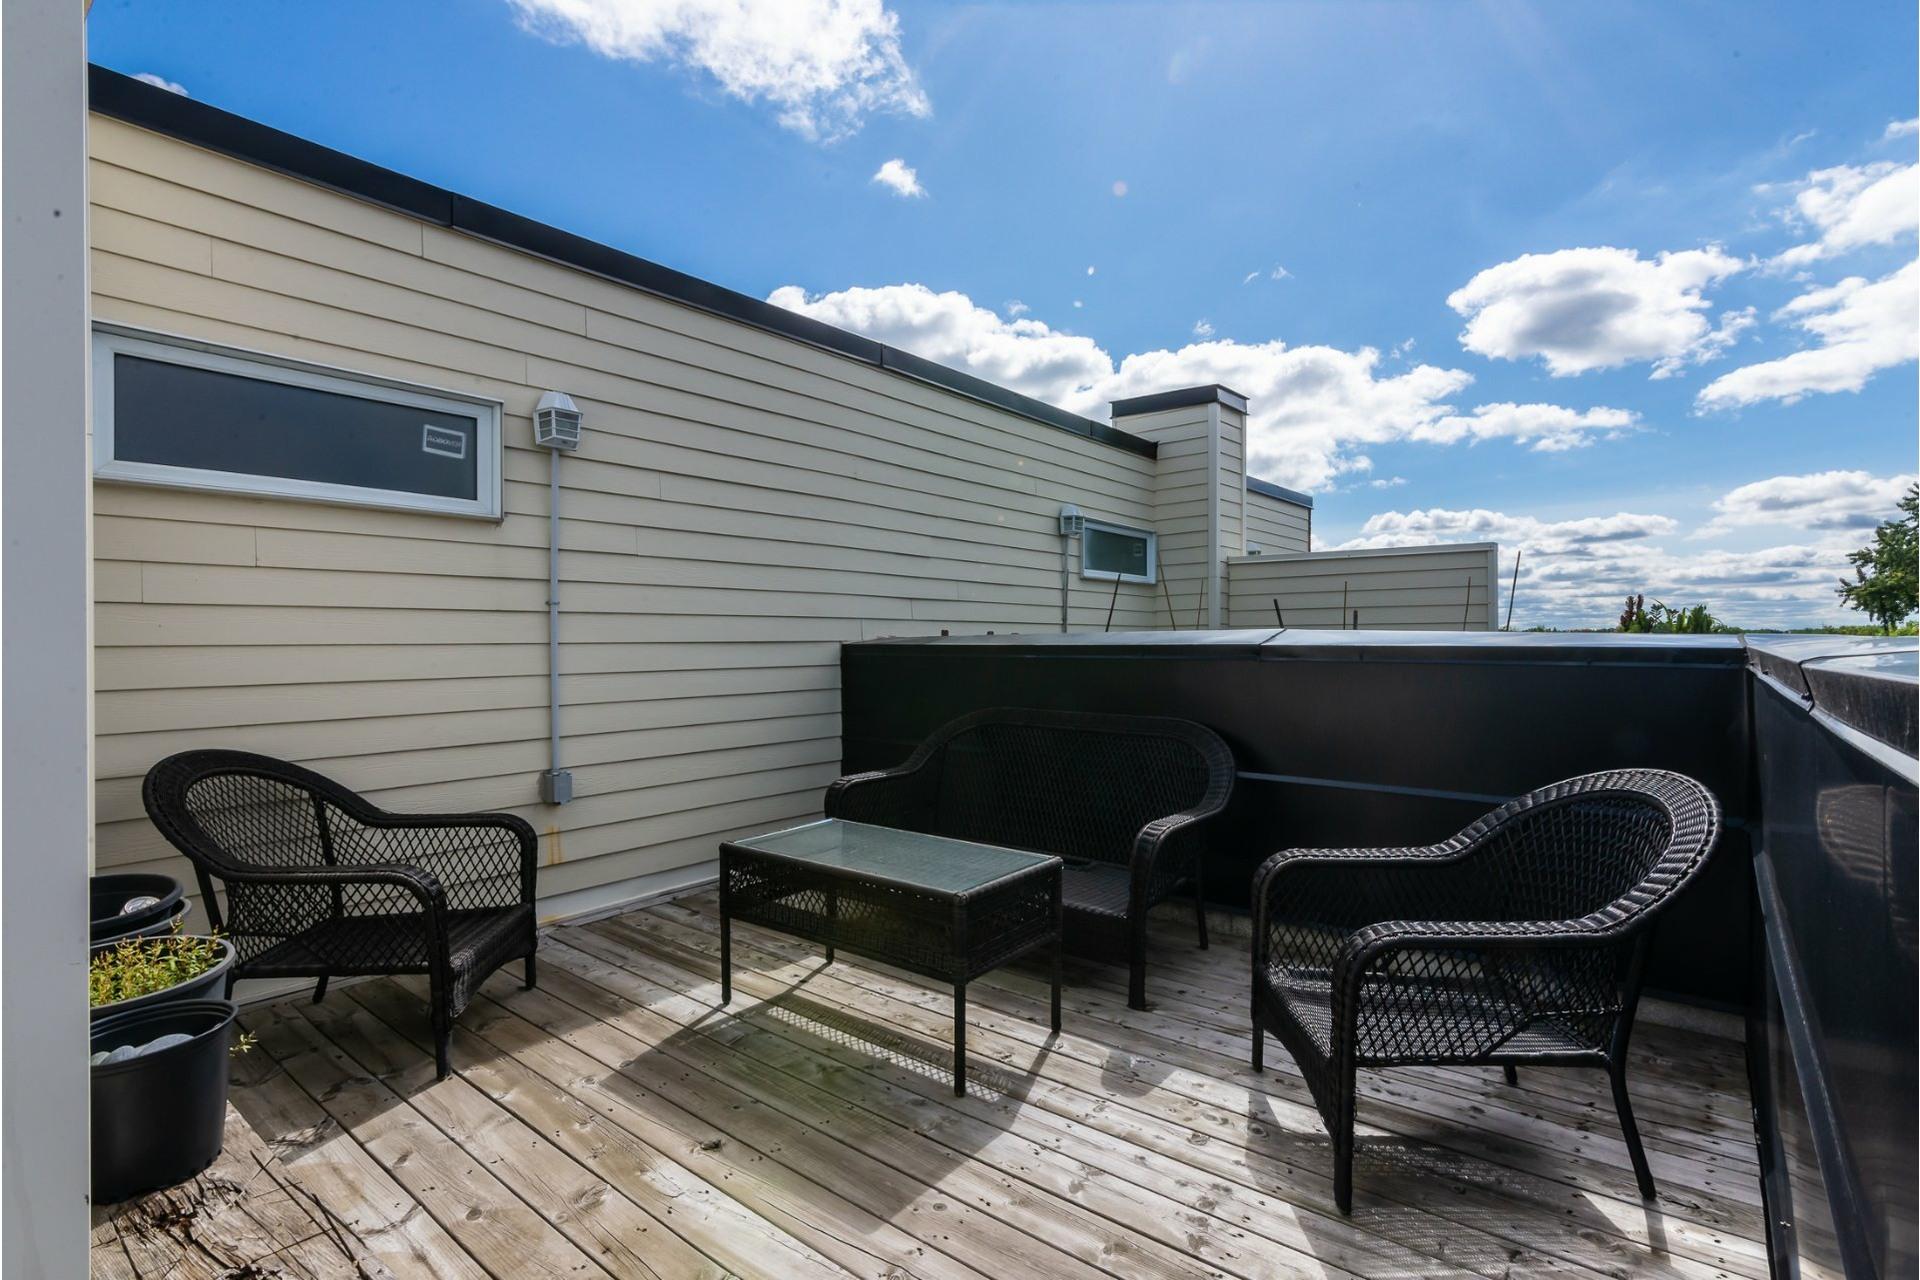 image 21 - Apartment For sale Le Sud-Ouest Montréal  - 4 rooms